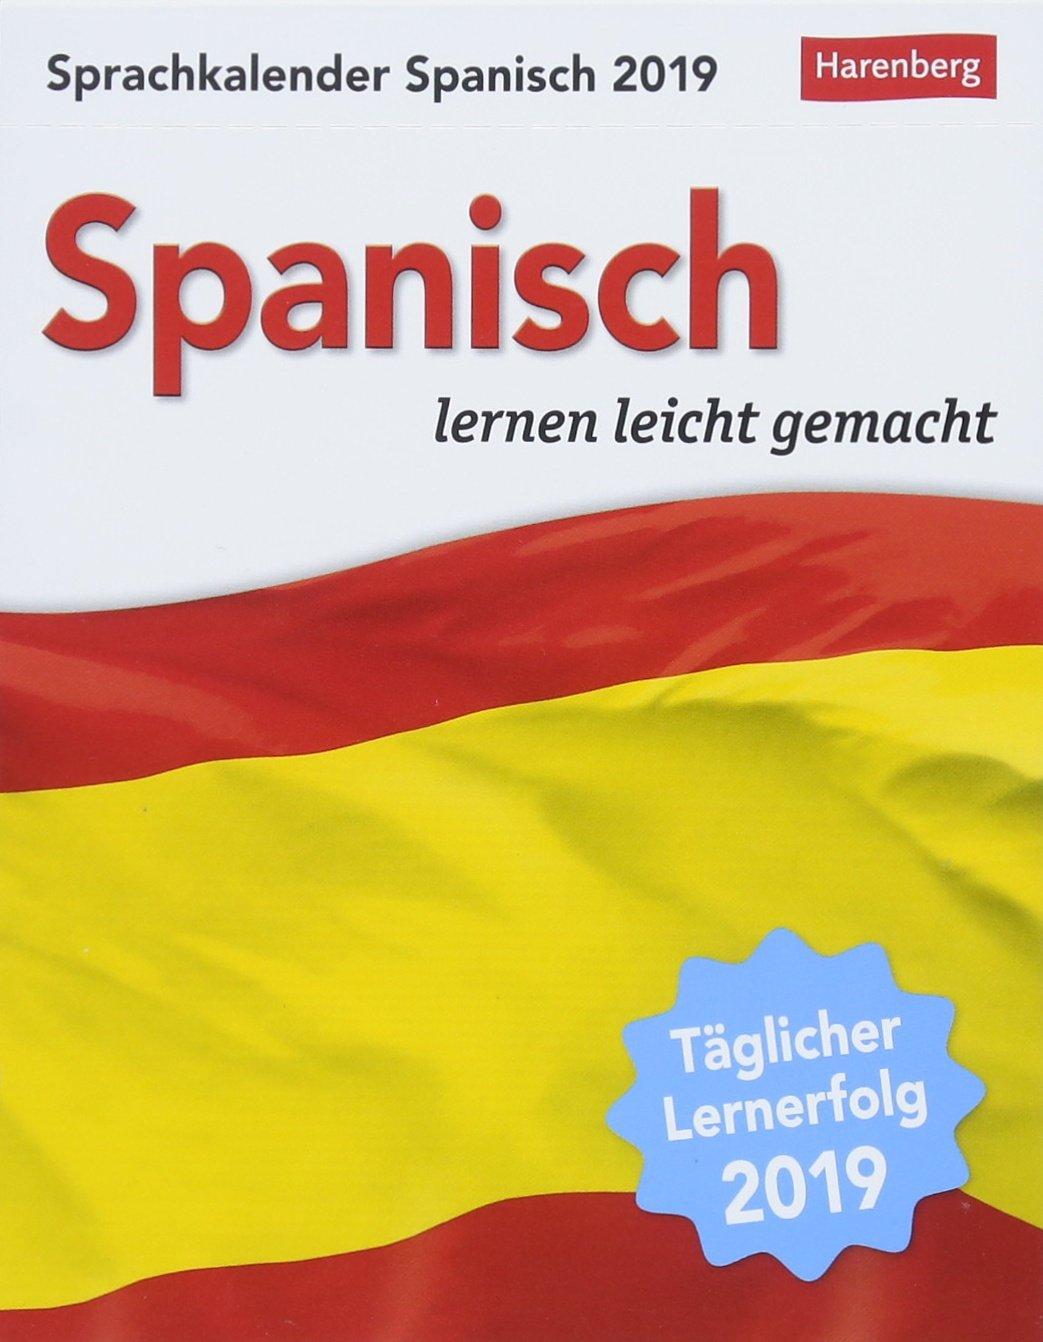 Sprachkalender Spanisch - Kalender 2019: Spanisch lernen leicht gemacht